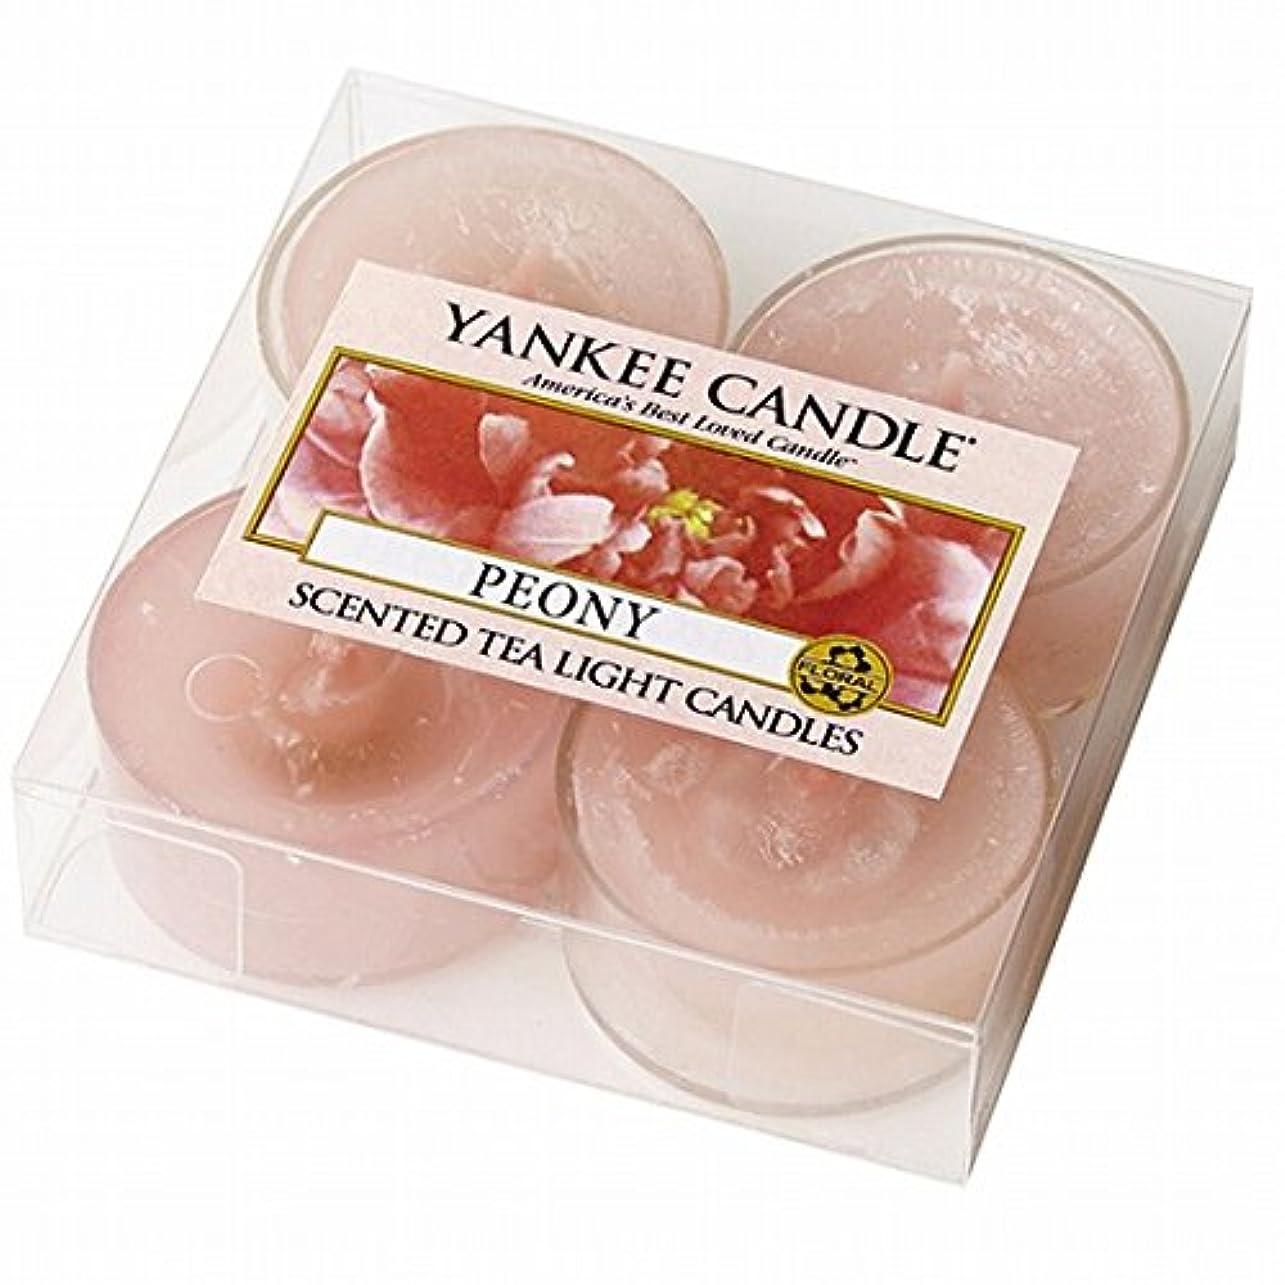 変数恐れるしないでくださいYANKEE CANDLE(ヤンキーキャンドル) YANKEE CANDLE クリアカップティーライト4個入り 「ピオニー」(K00205275)